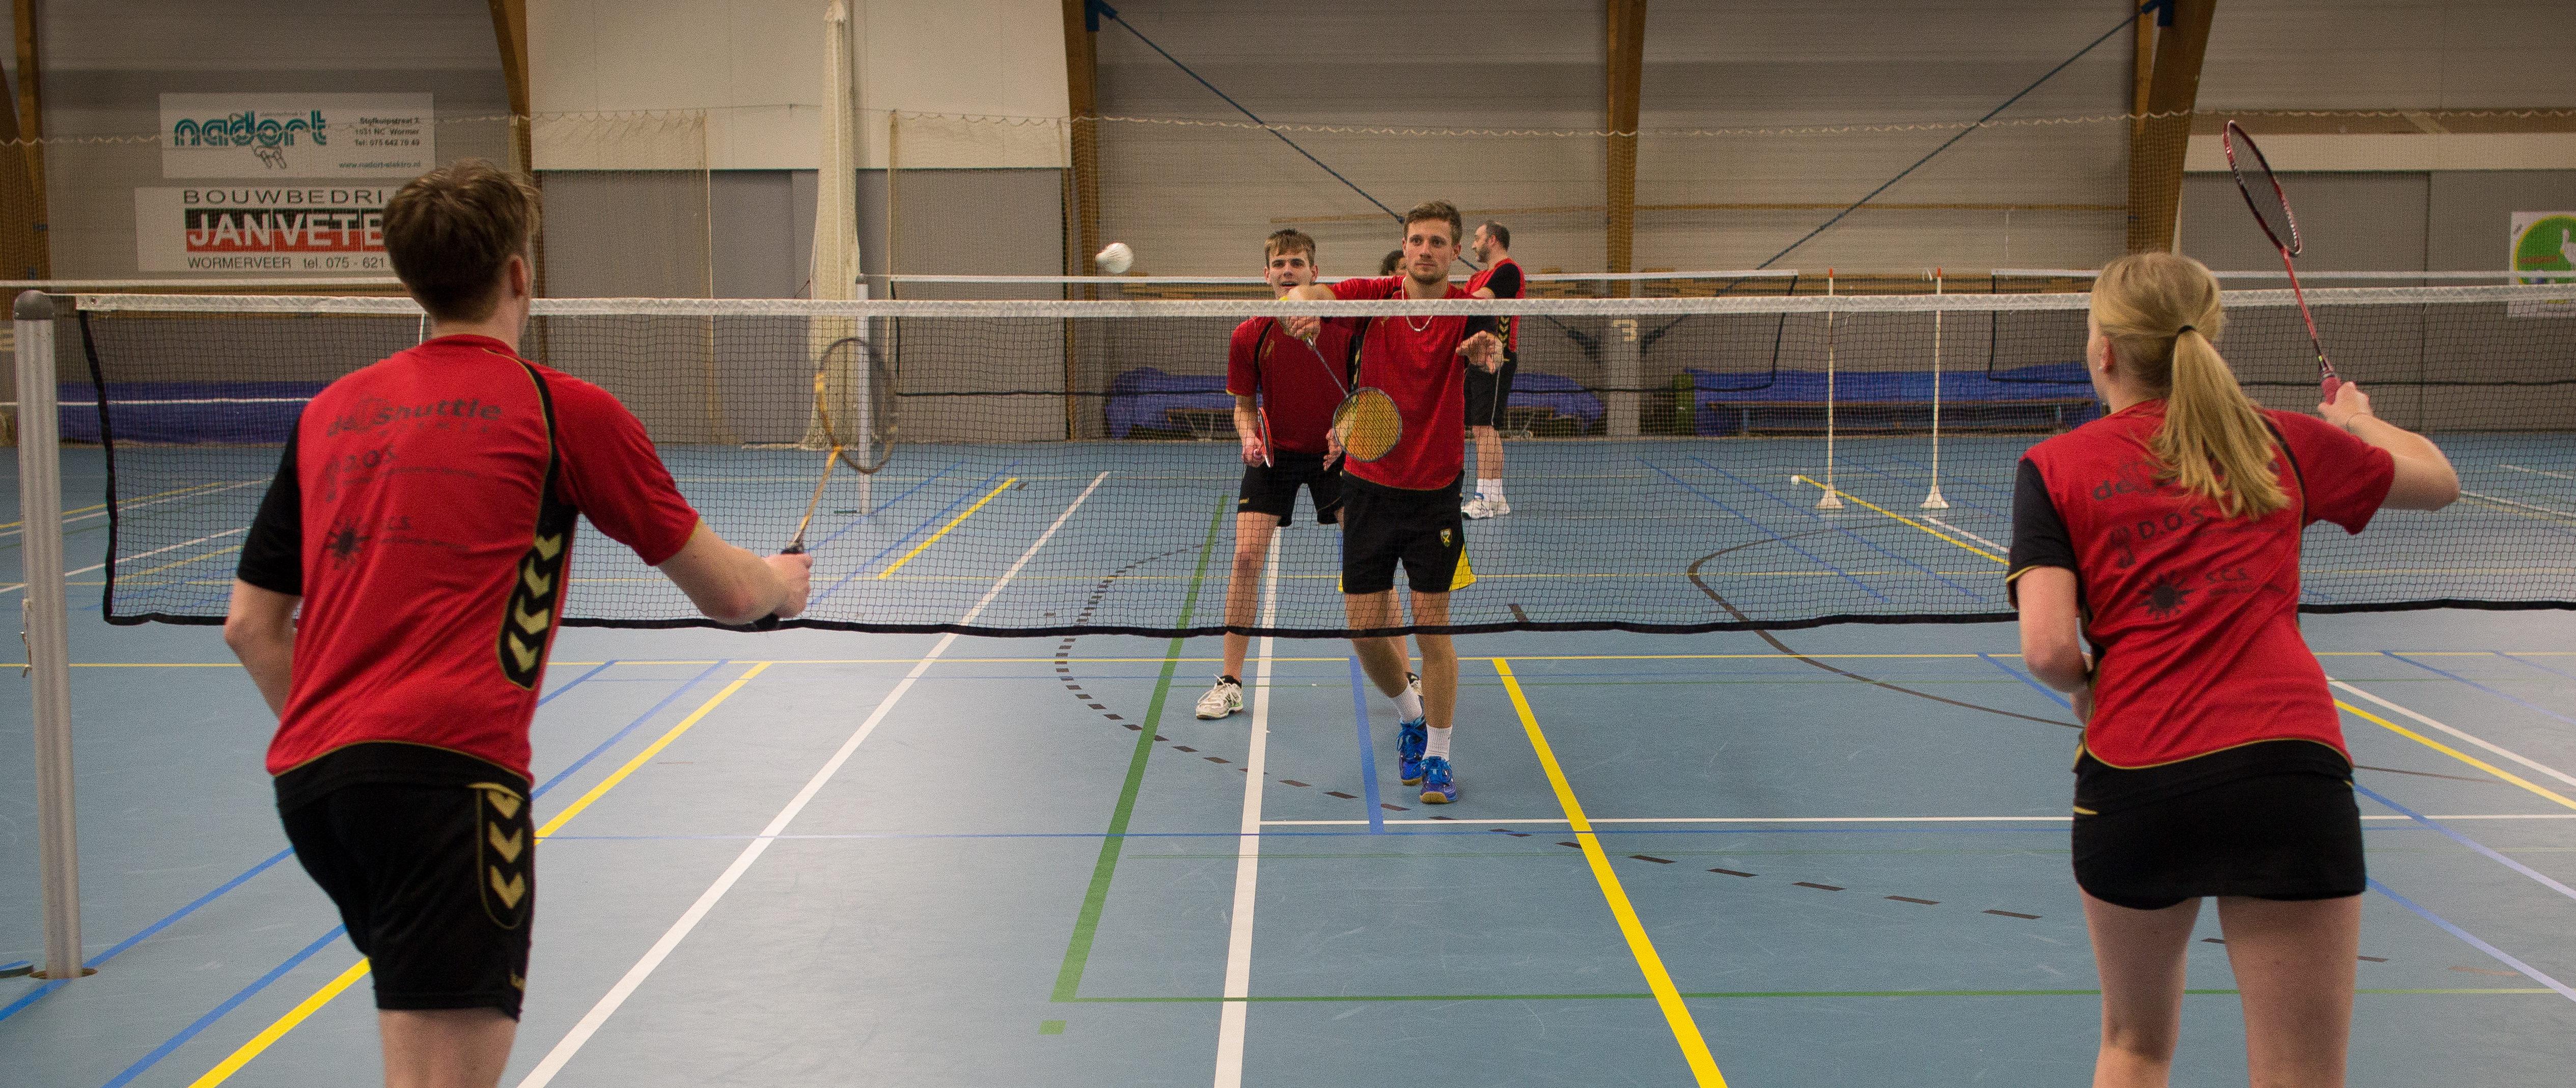 Tijdens de open avond kunnen bezoekers gratis onder begeleiding van gediplomeerde trainers met badminton kennismaken. (Foto: Badmintonvereniging De Shuttle)